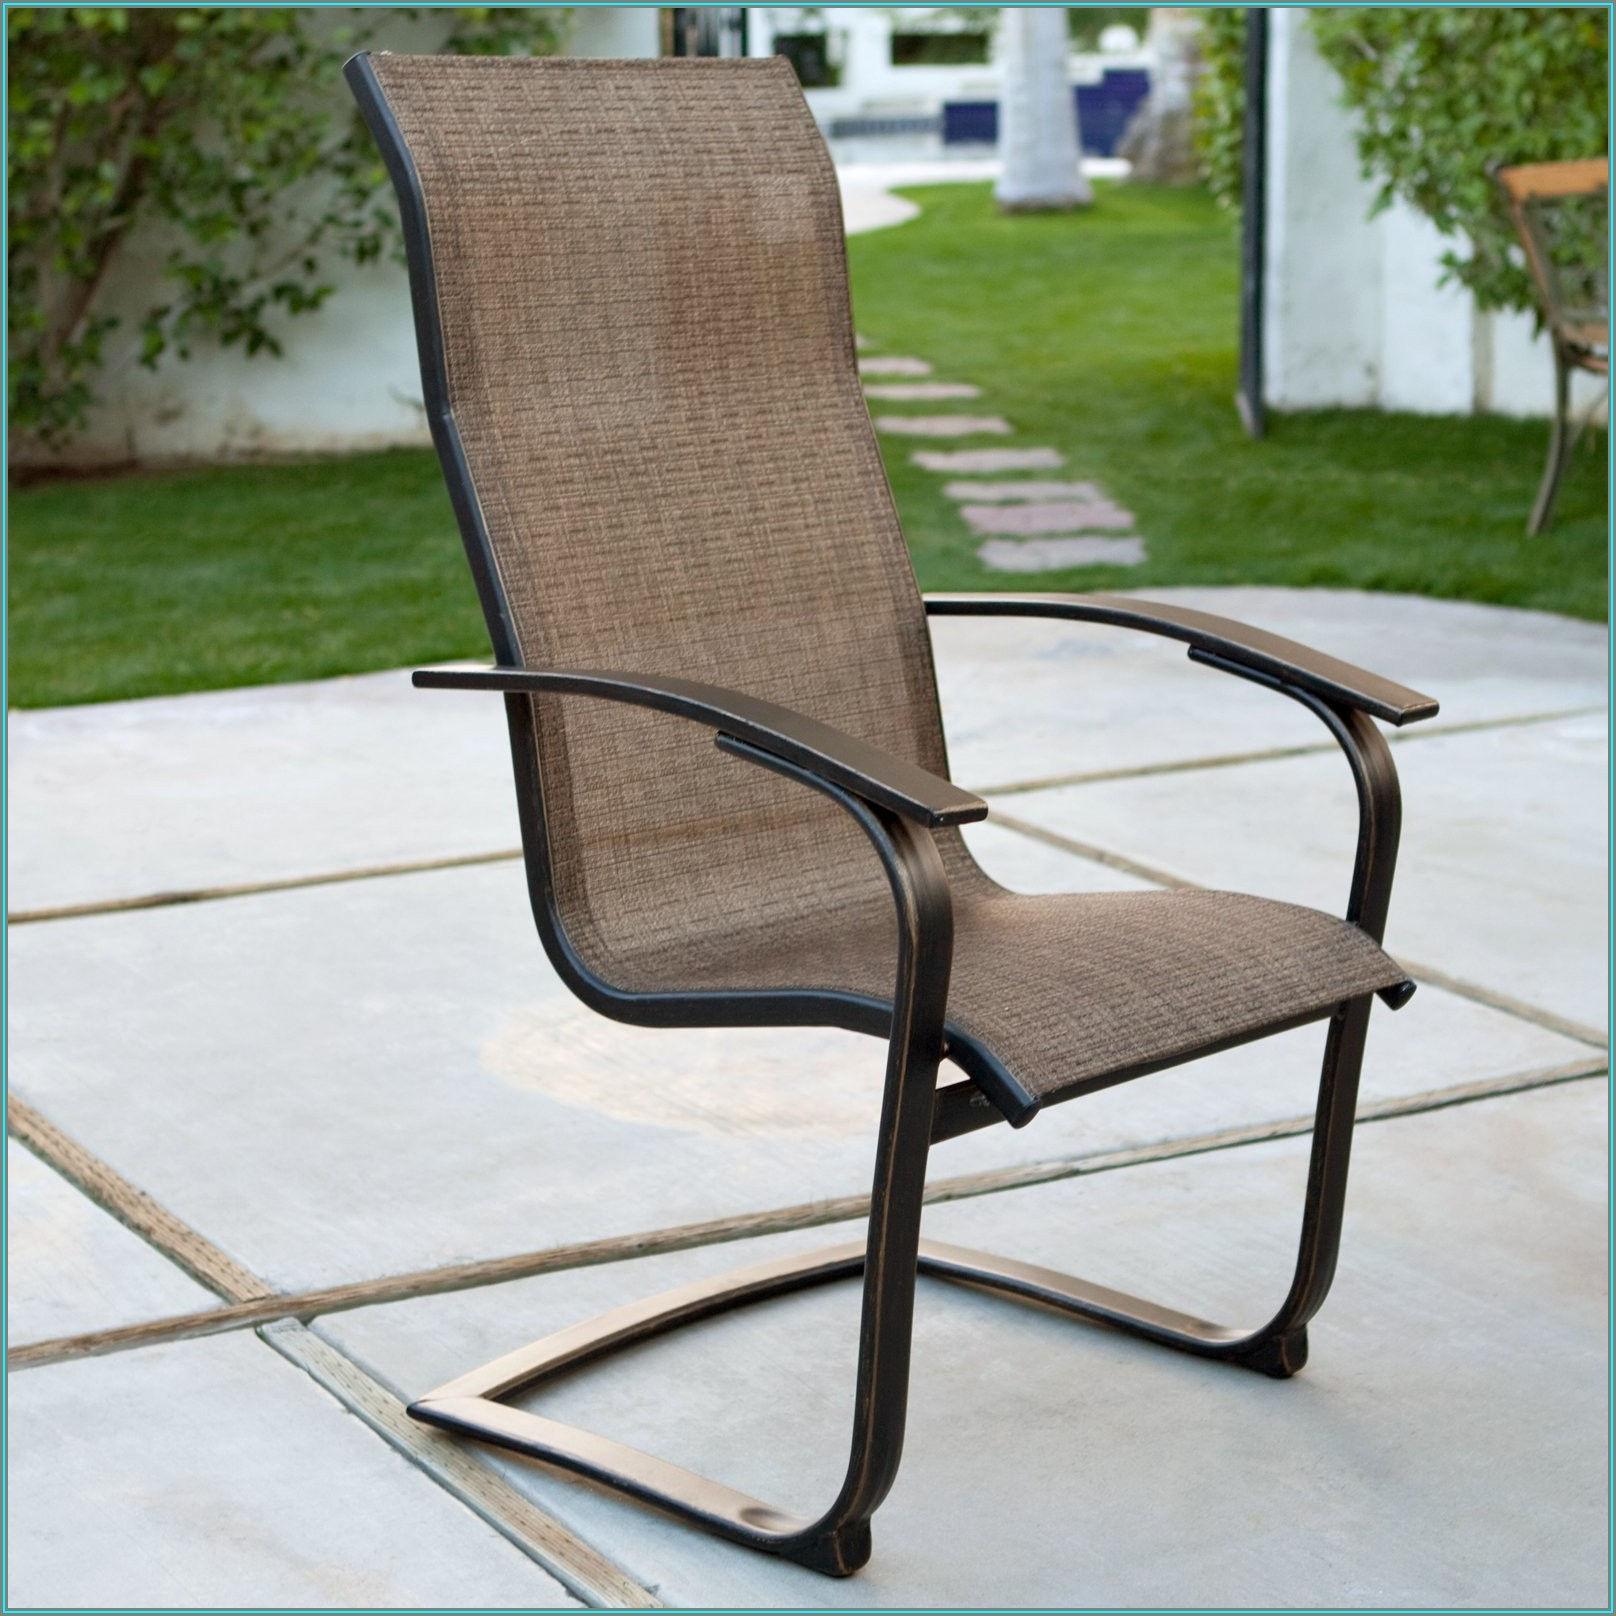 Summerwinds Aluminum Patio Furniture